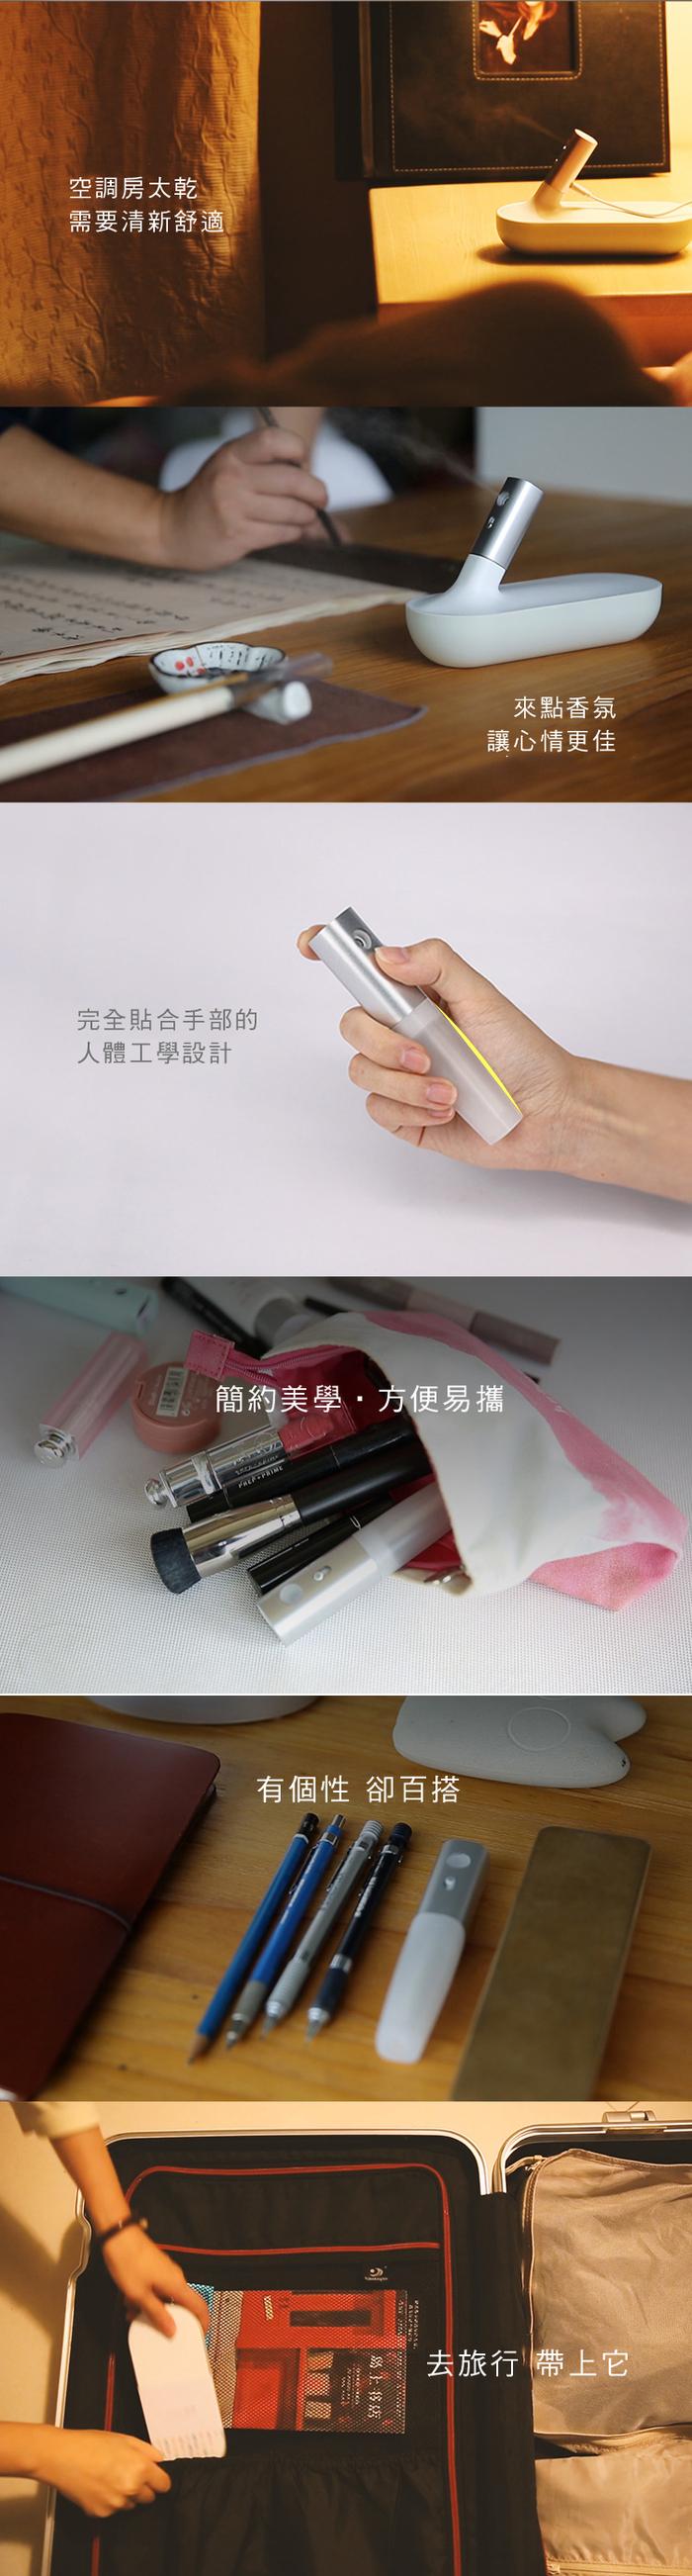 【集購】MISTUR  一機兩用 輕巧便攜 納米噴霧補水 保濕器 適用於桌面加濕 桌面香薰